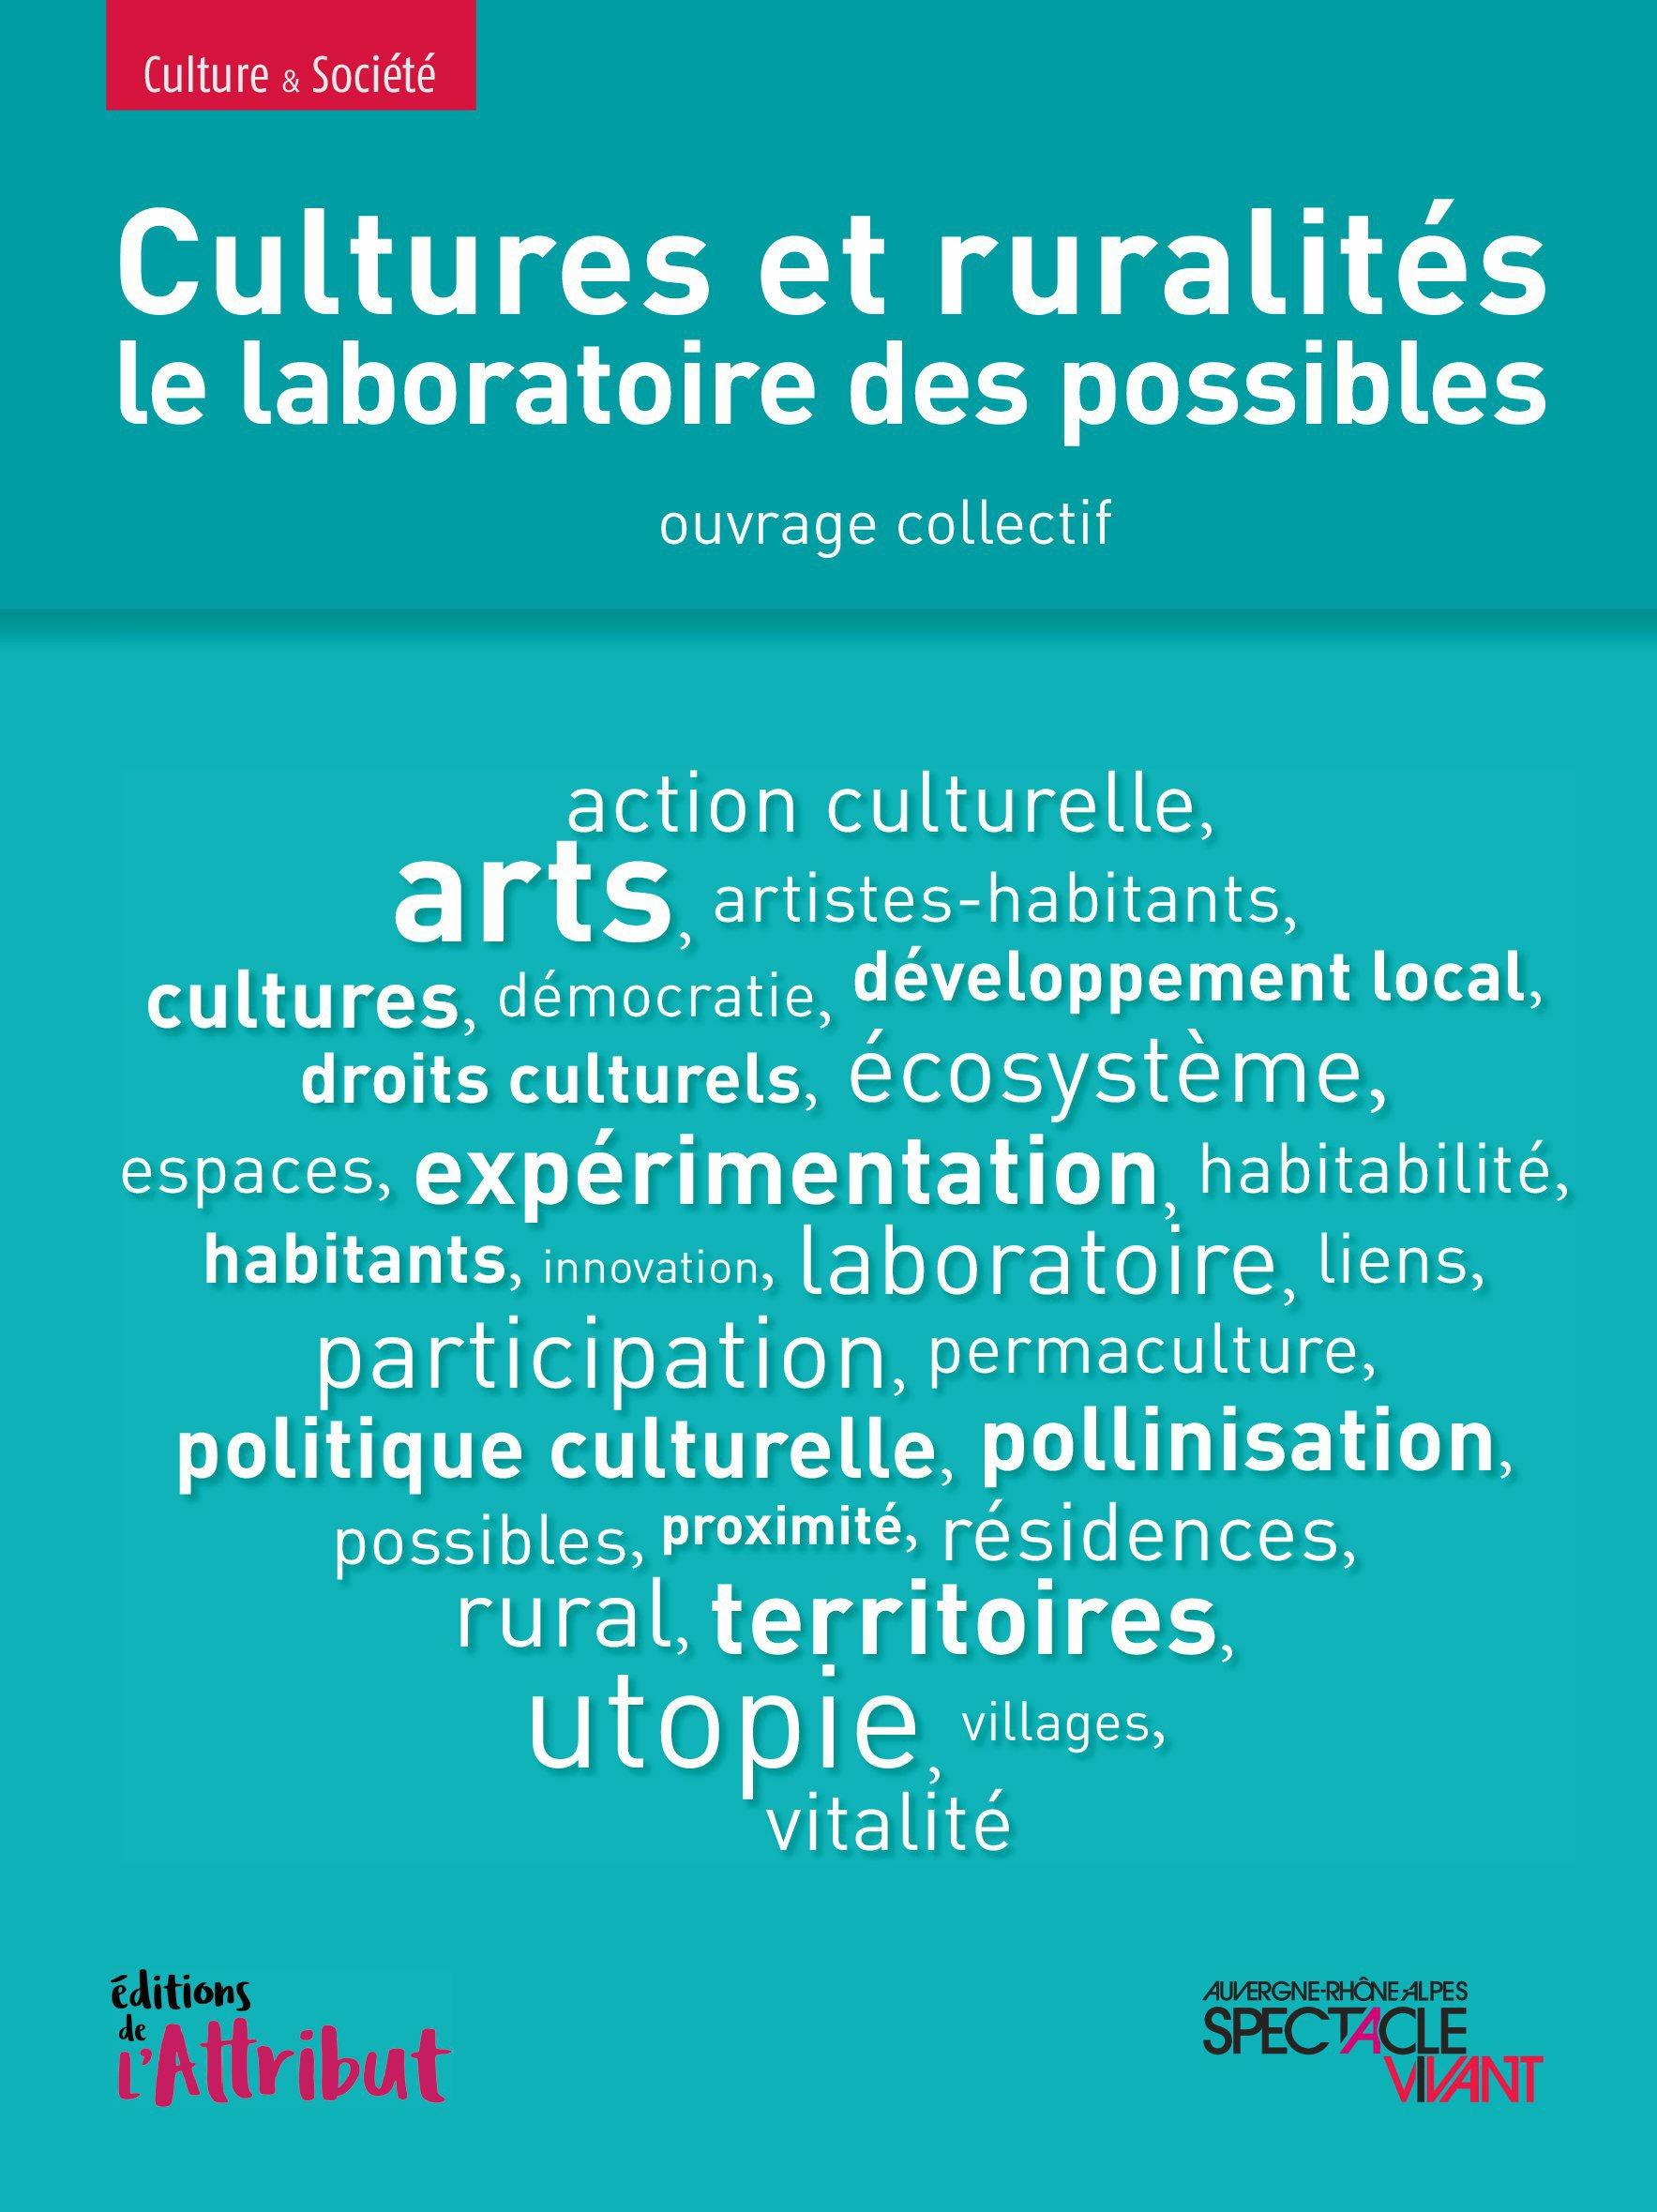 Cultures et ruralités ; le laboratoire des possibles